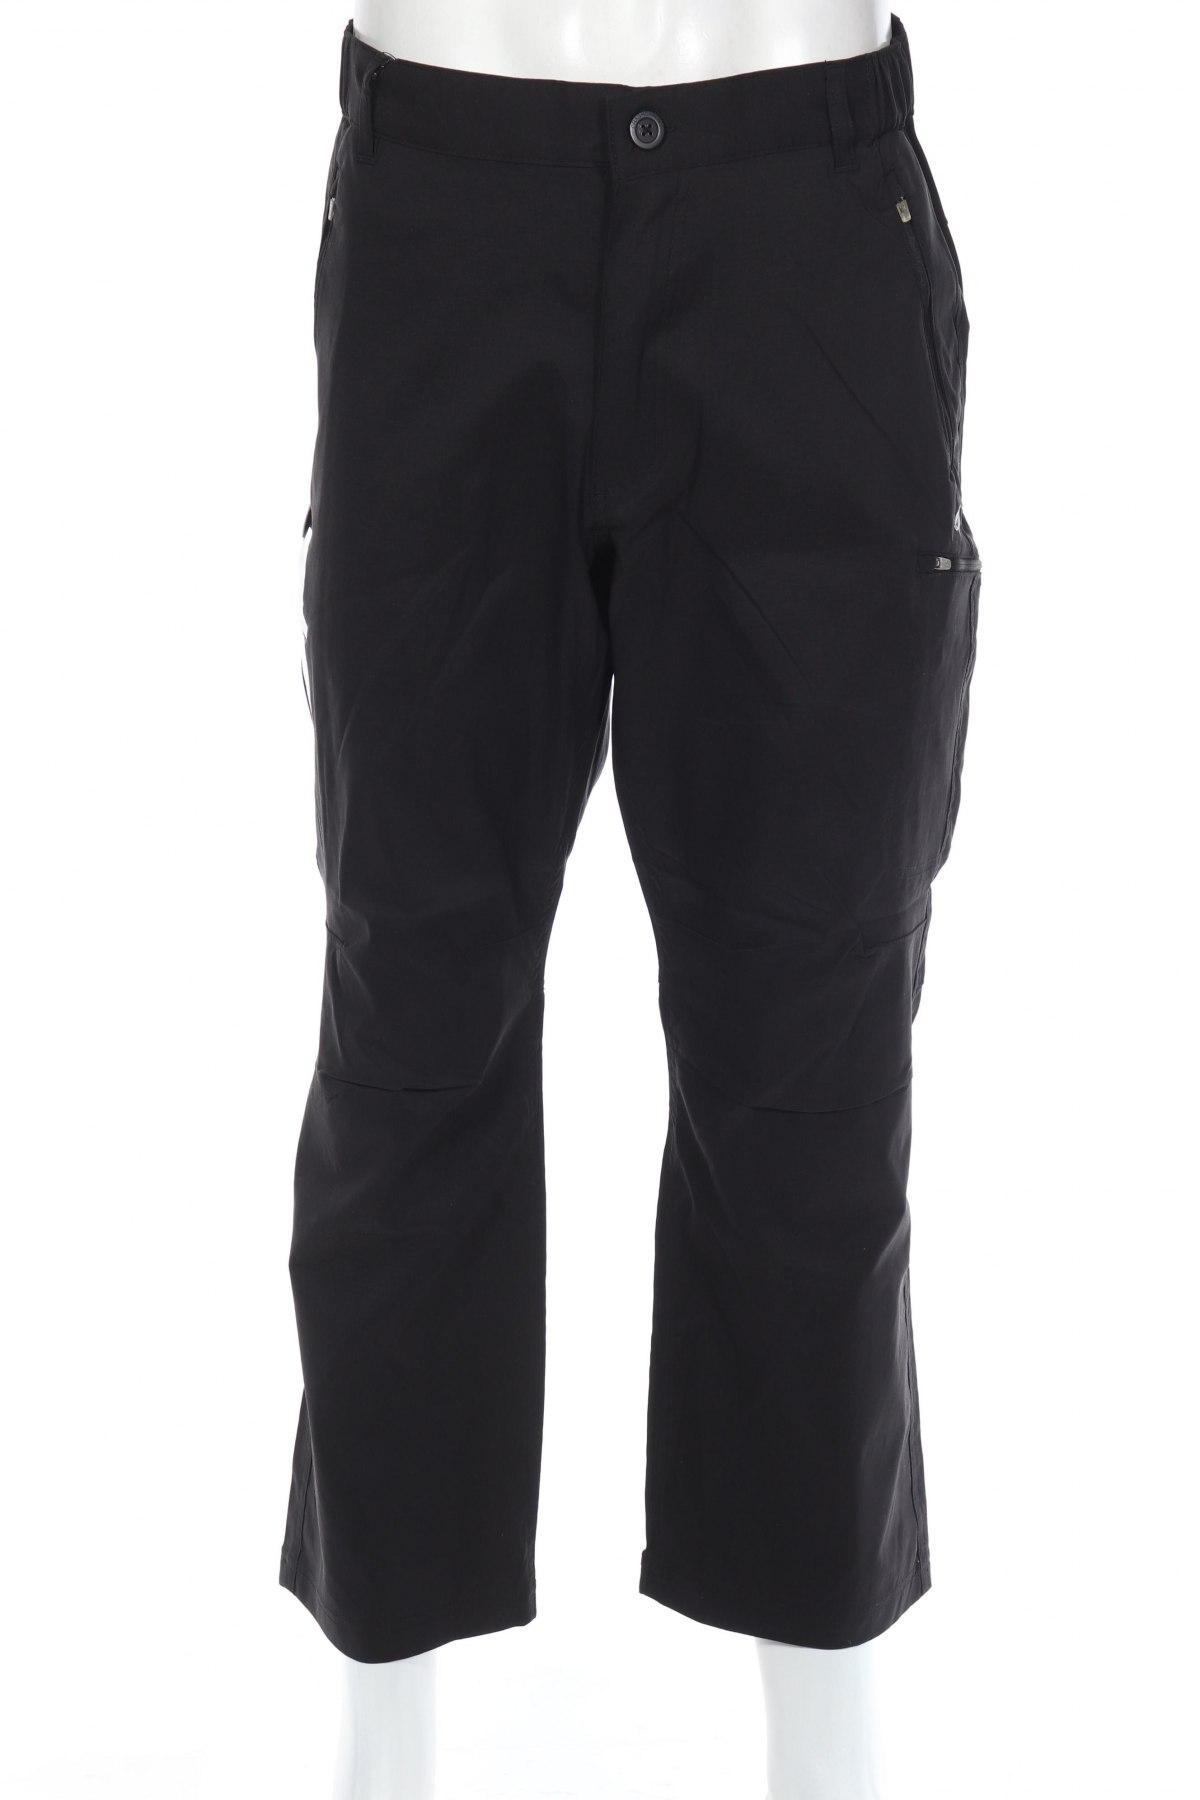 Мъжки спортен панталон Graghoppers, Размер L, Цвят Черен, 96% полиамид, 4% еластан, Цена 27,65лв.